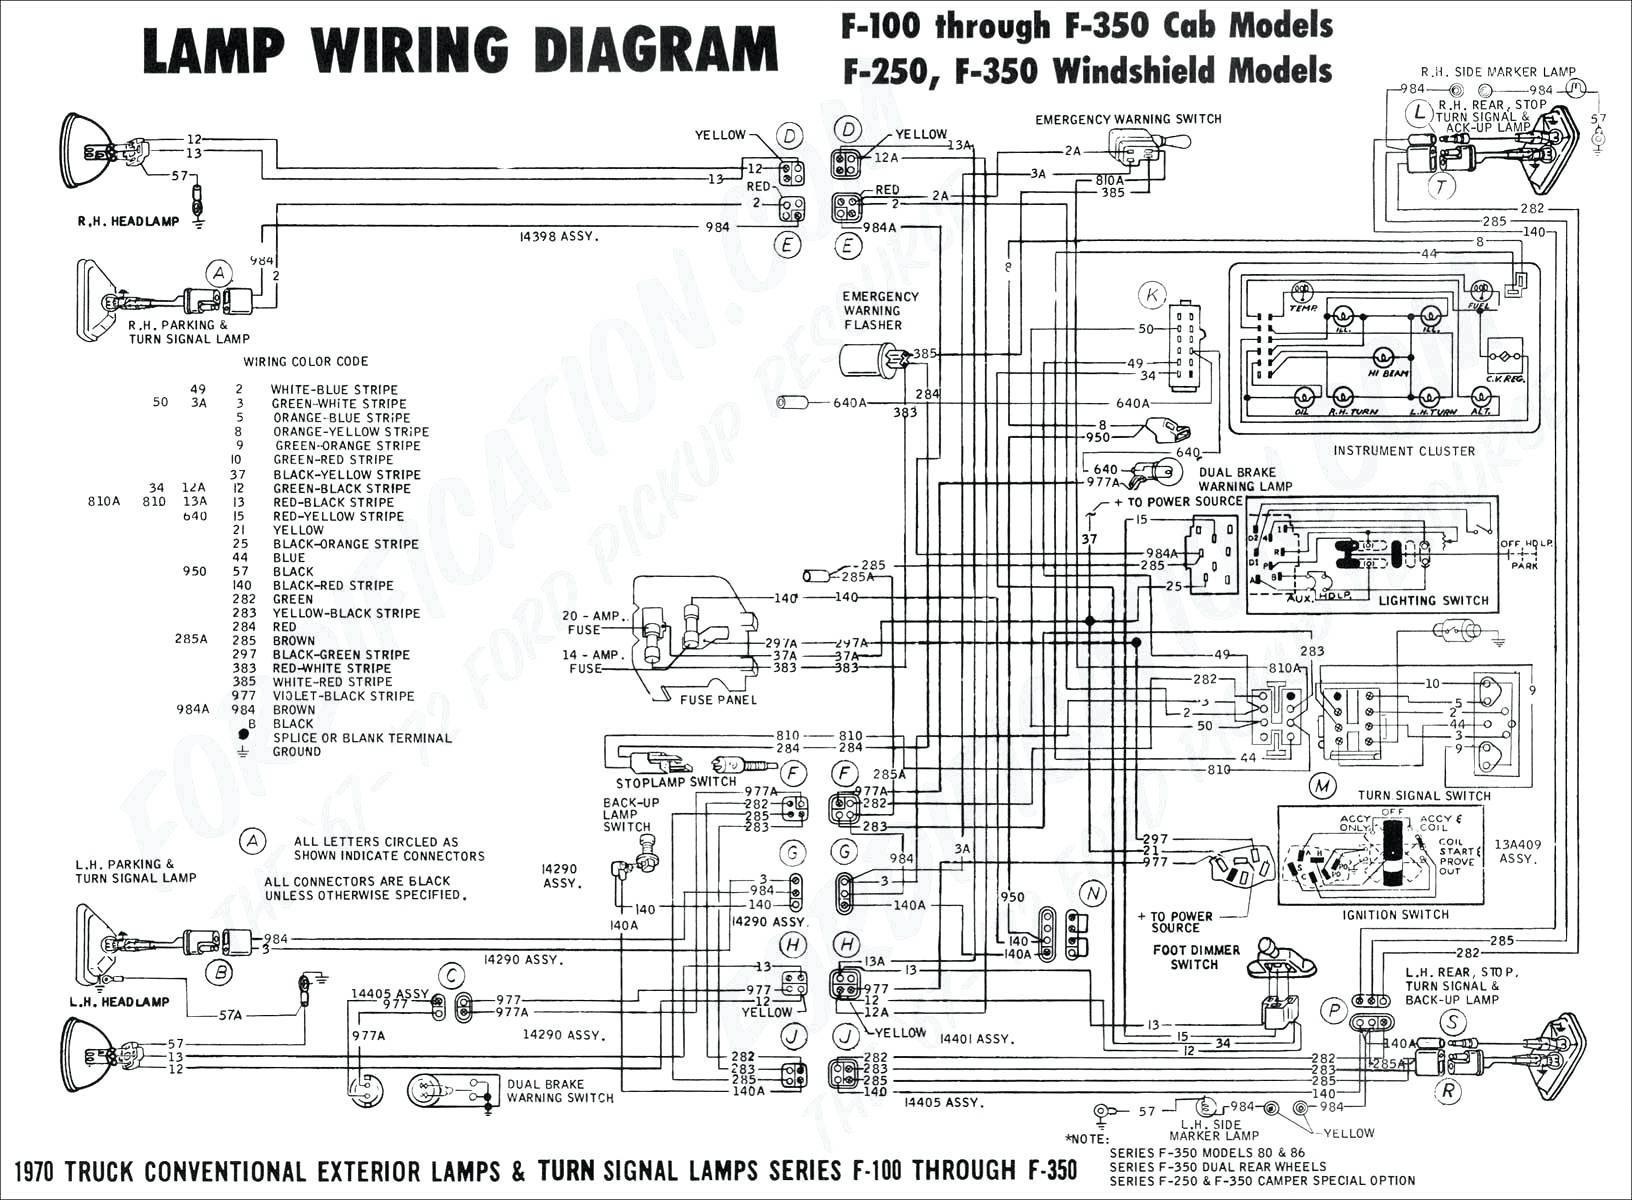 Ford Taurus Parts Diagram 07 F250 Wiring Diagram Another Blog About Wiring Diagram • Of Ford Taurus Parts Diagram